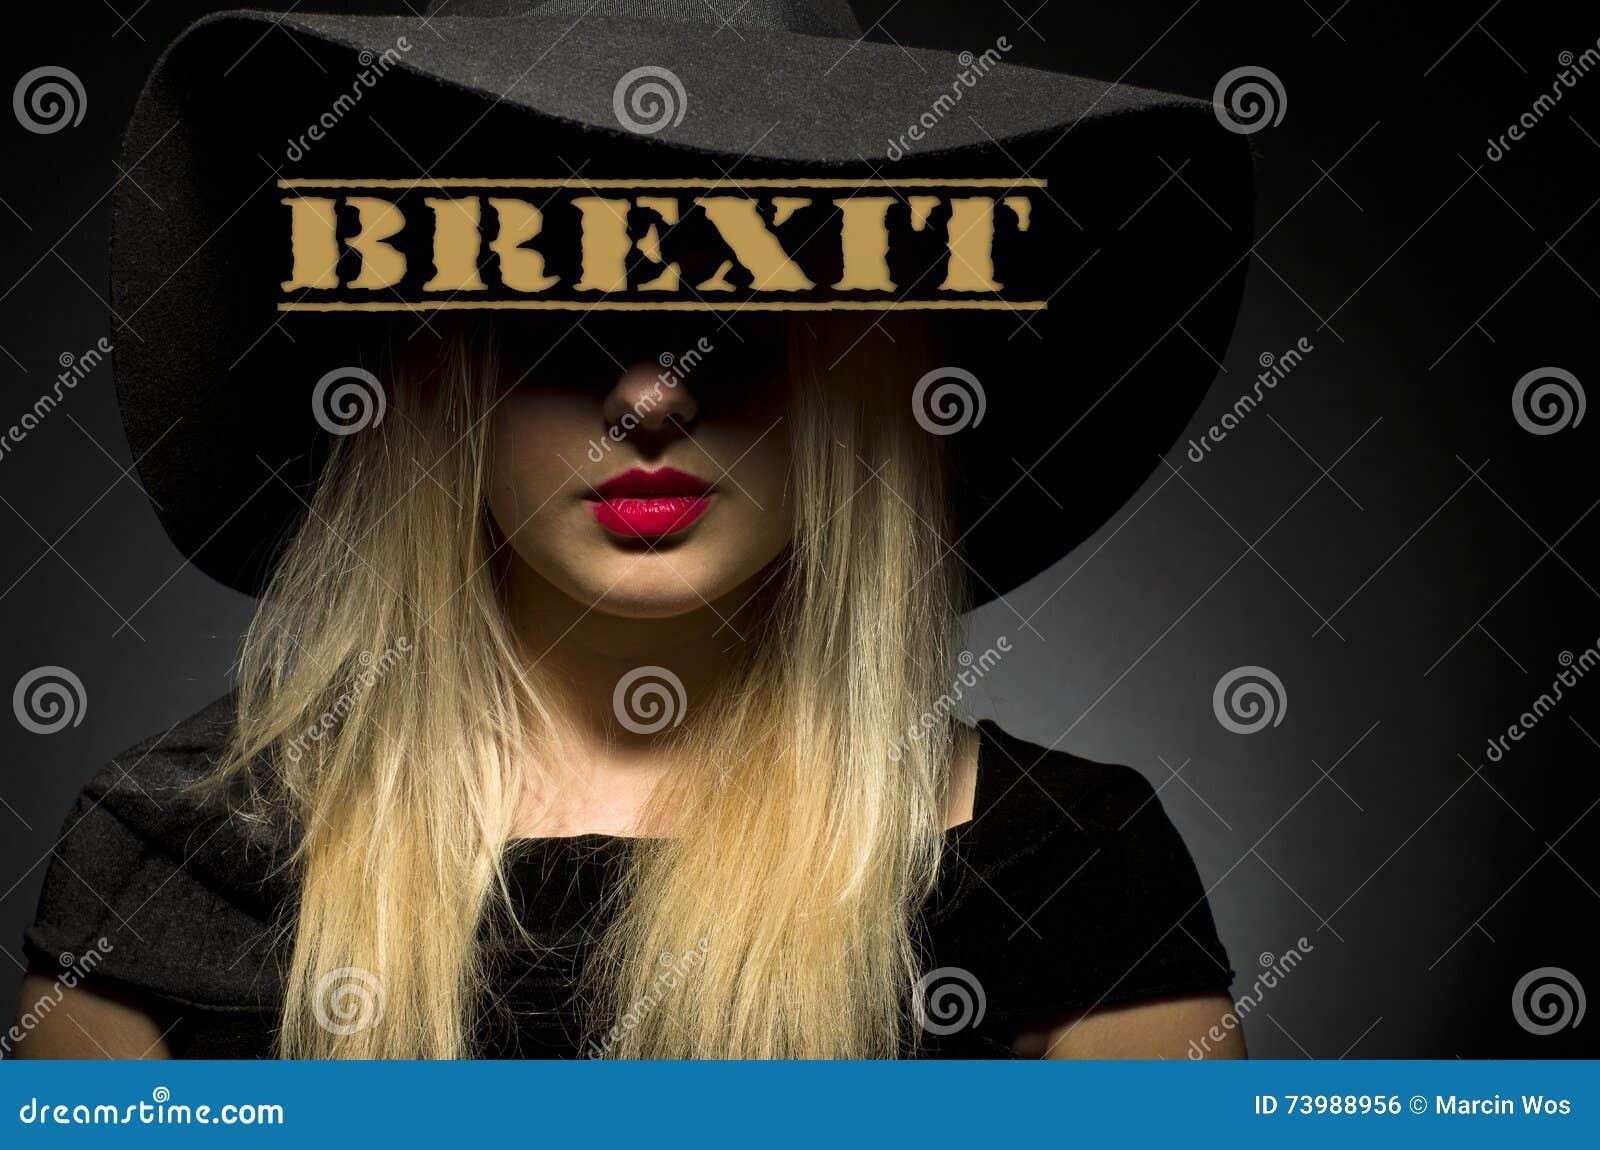 Brexit geschrieben auf schwarzen Hut Frau im schwarzen großen Hut